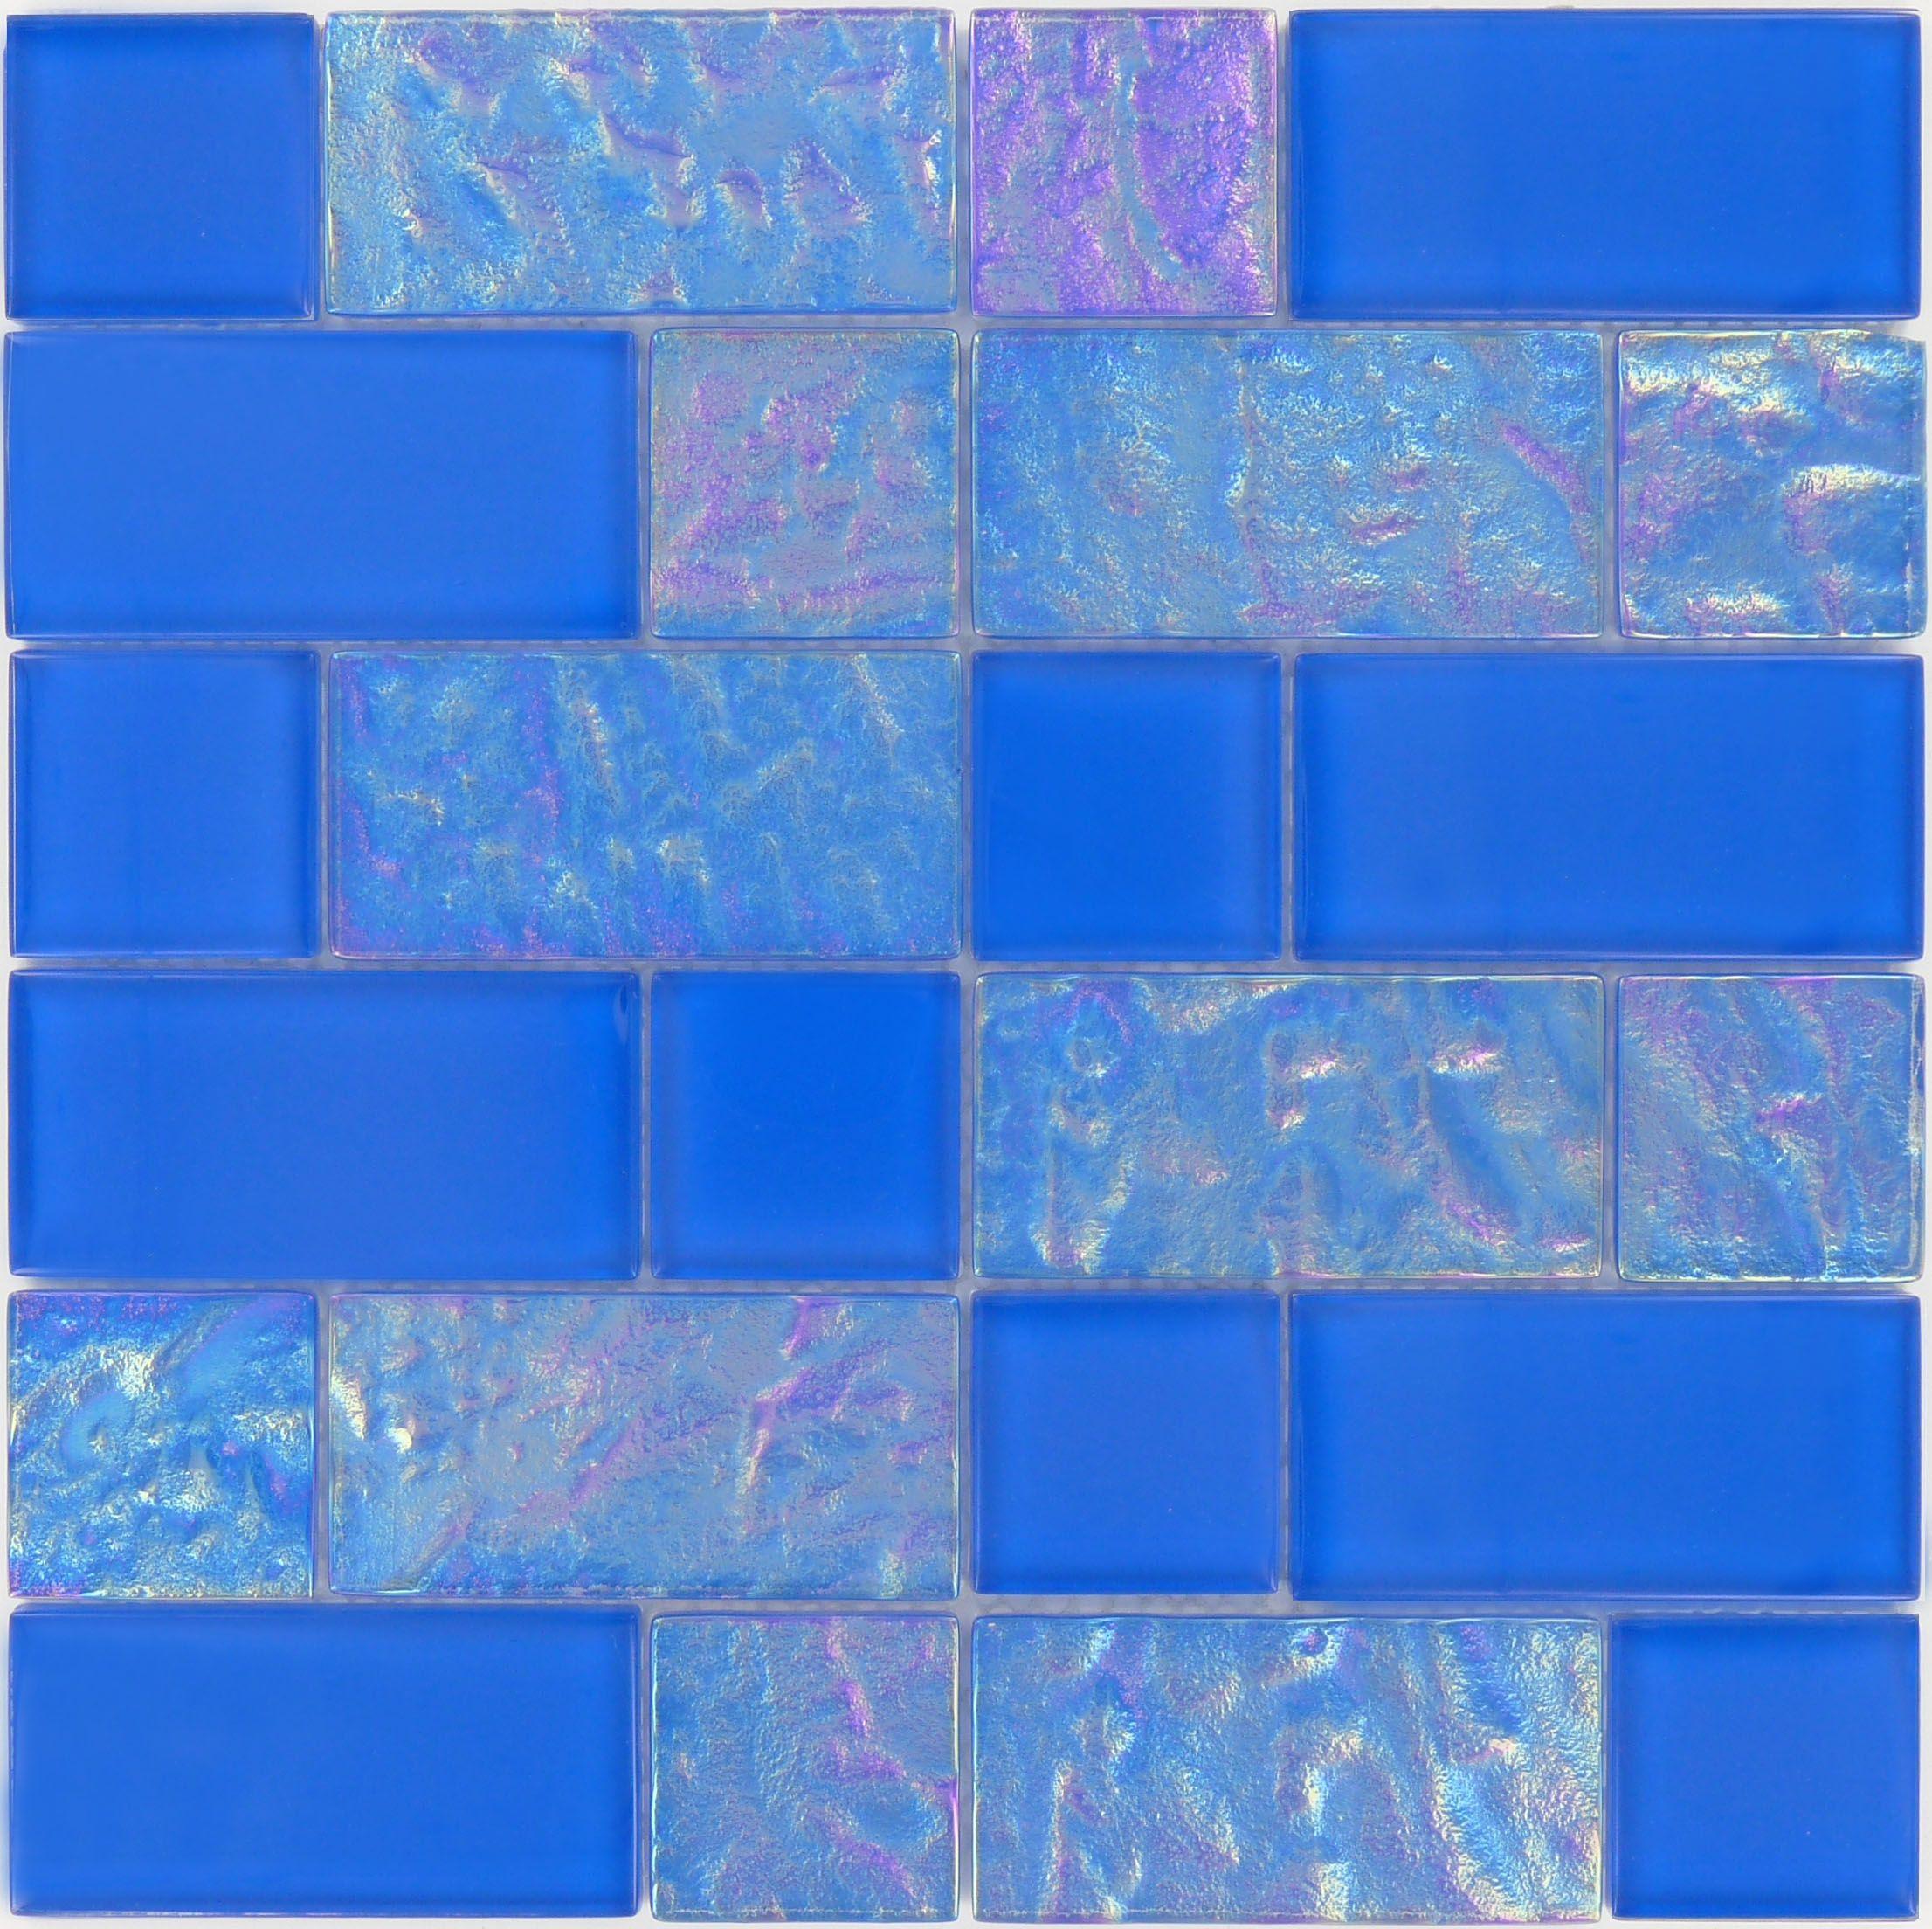 Royal Unique Shapes Blue Glossy & Iridescent Glass Tile Blue Unique ...